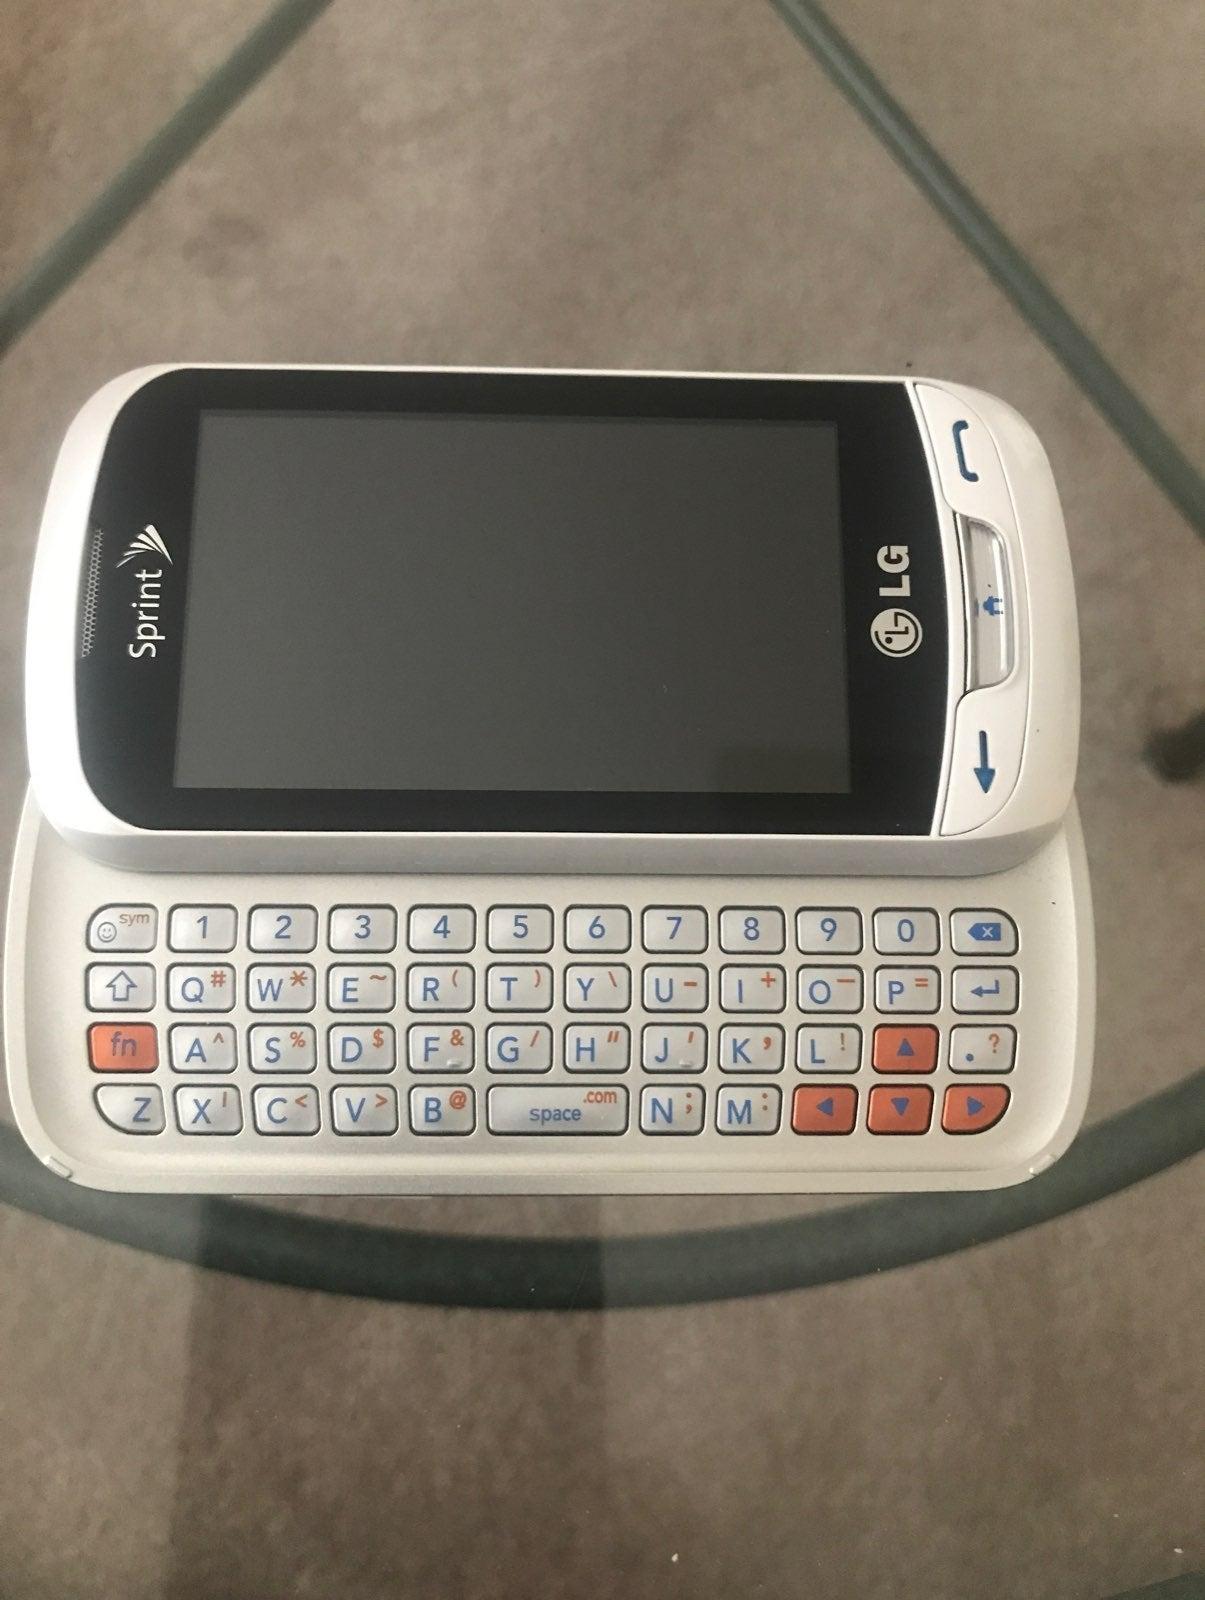 SPRINT LG PHONE